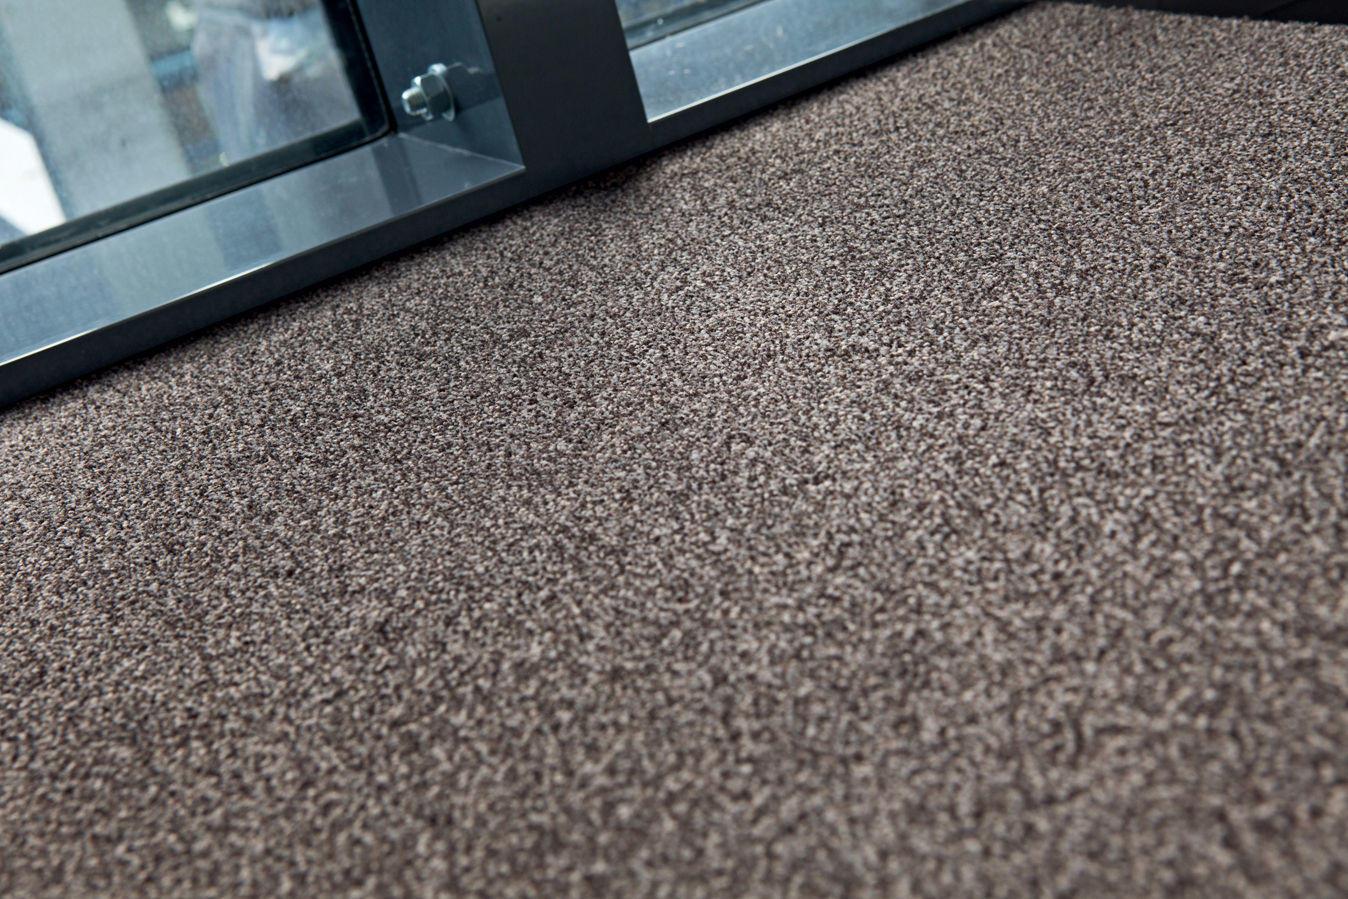 Именно с «ковролином» нужно быть крайне осторожным при выборе, так как это покрытие имеет свойство накапливать в своей структуре большое количество пыли и грязи